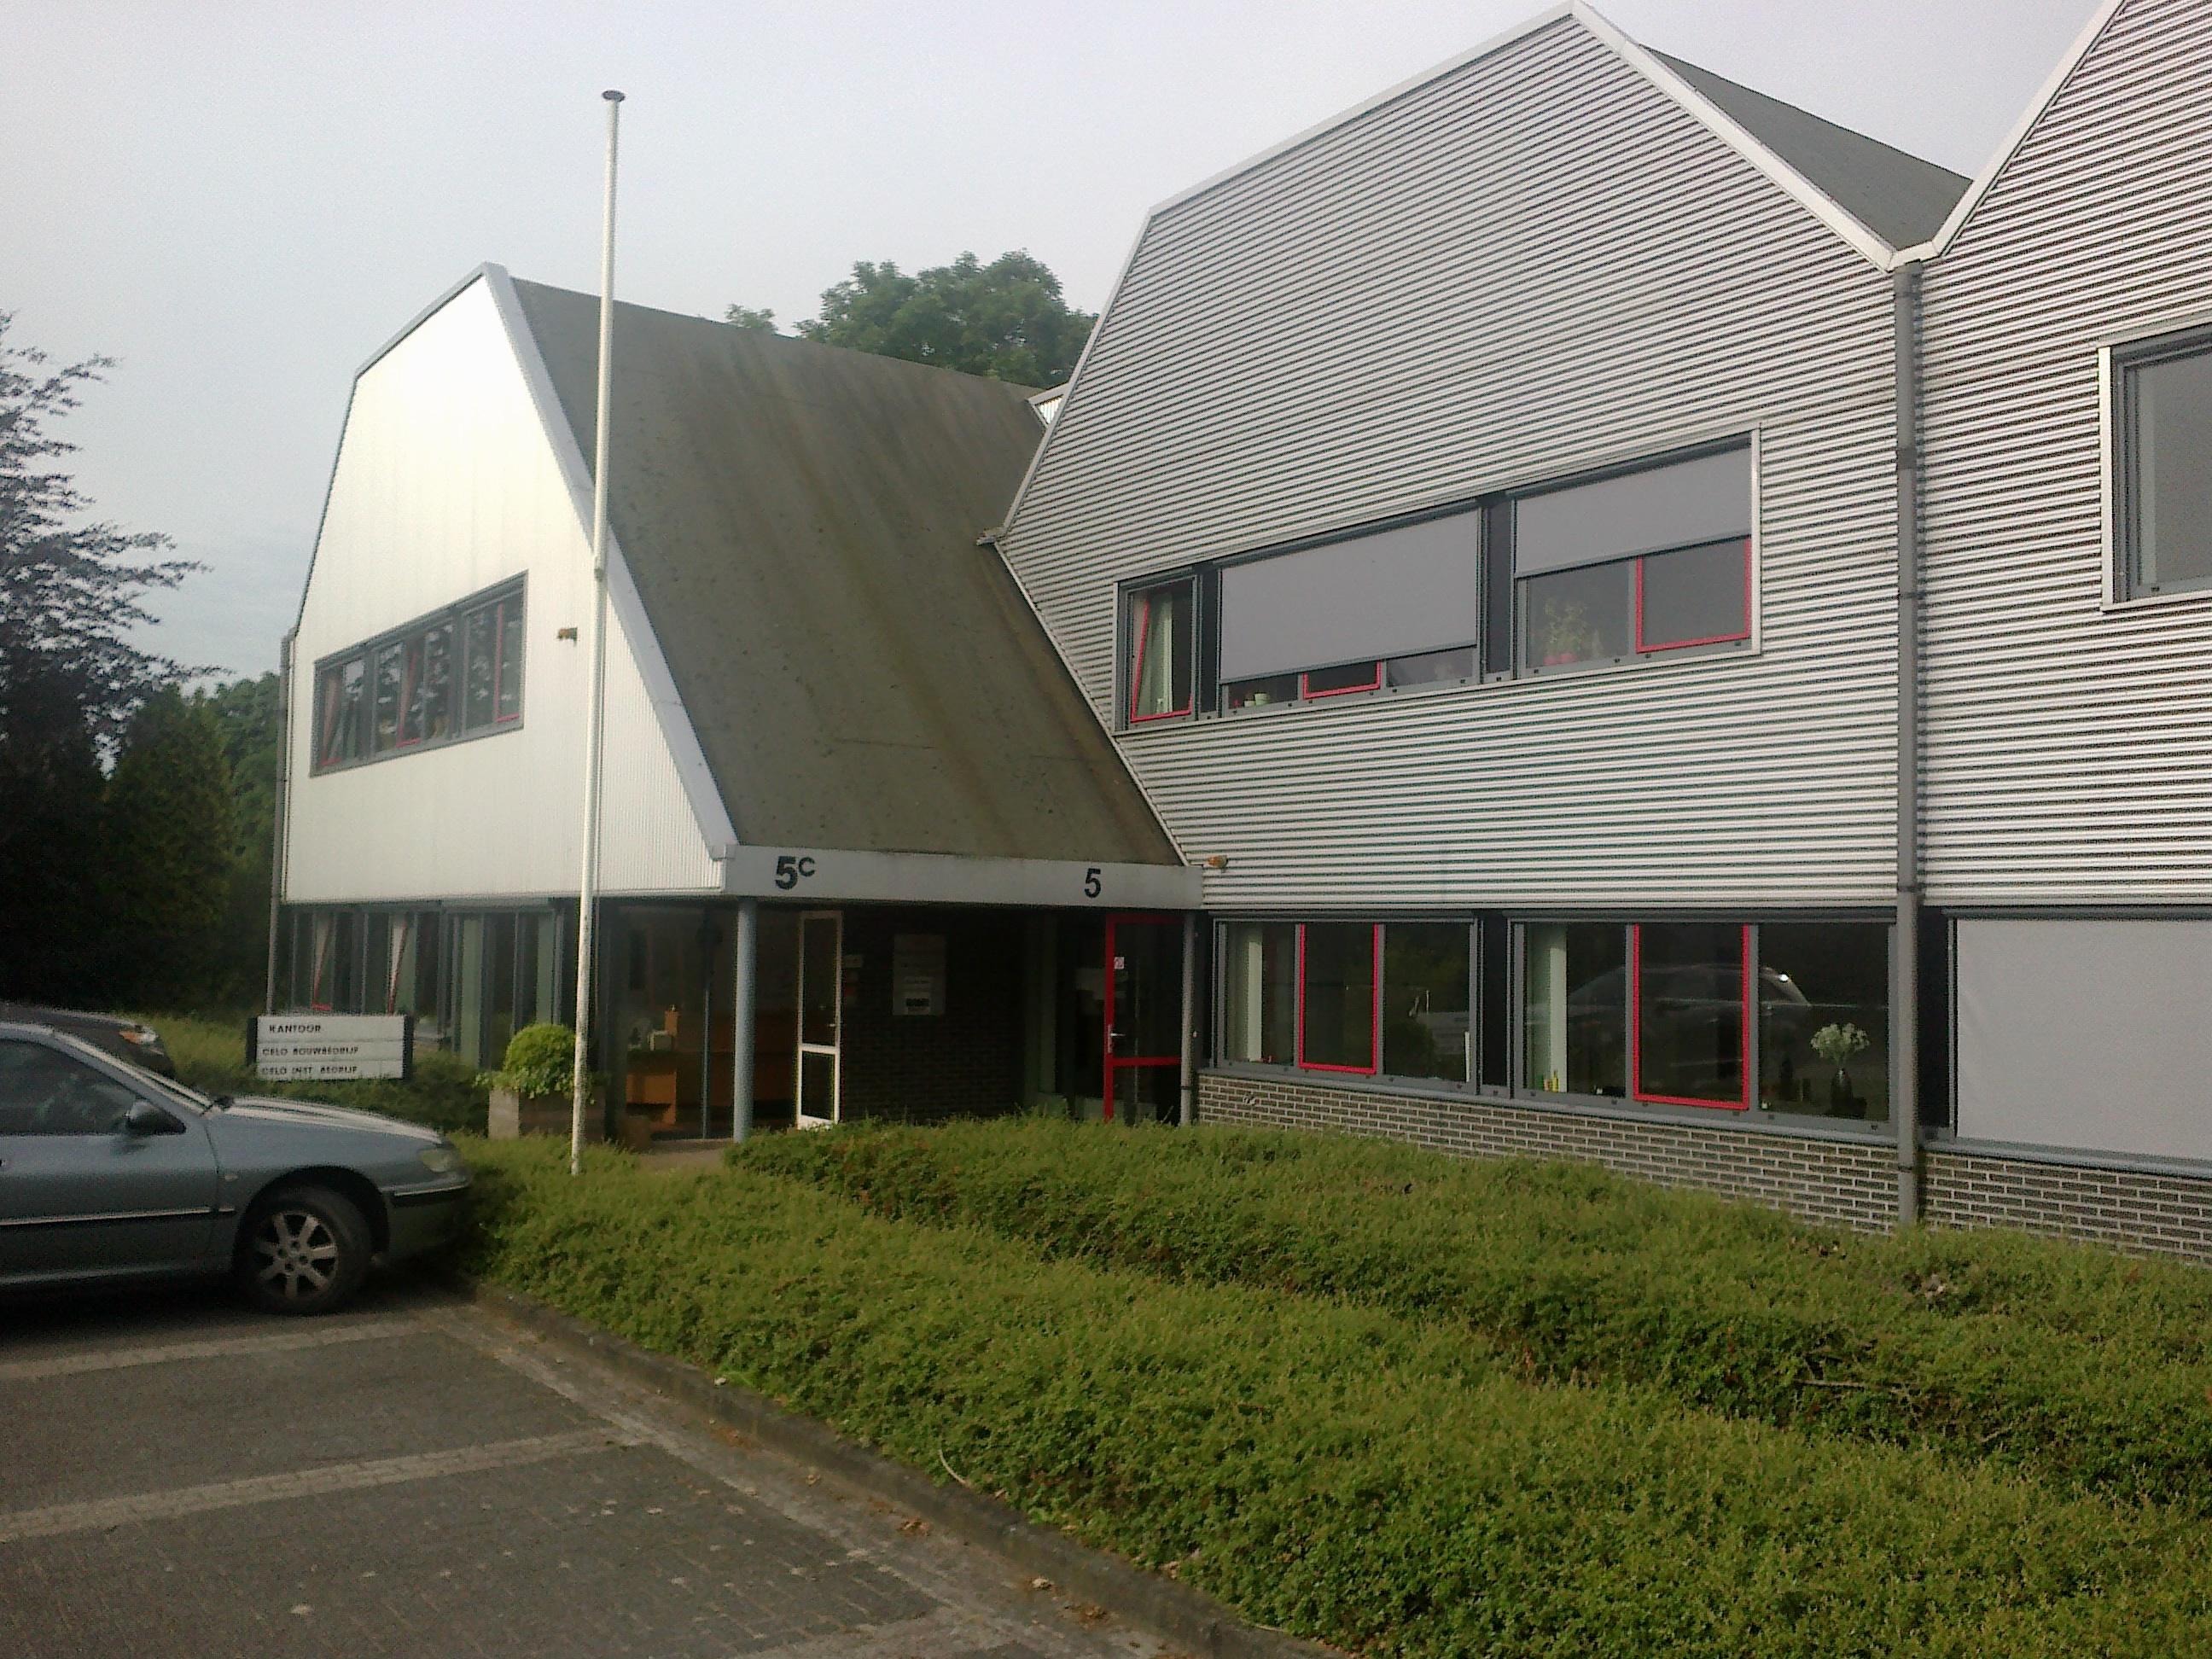 Bedrijfsruimte Baarn Oud Eemnesserweg 5 L M